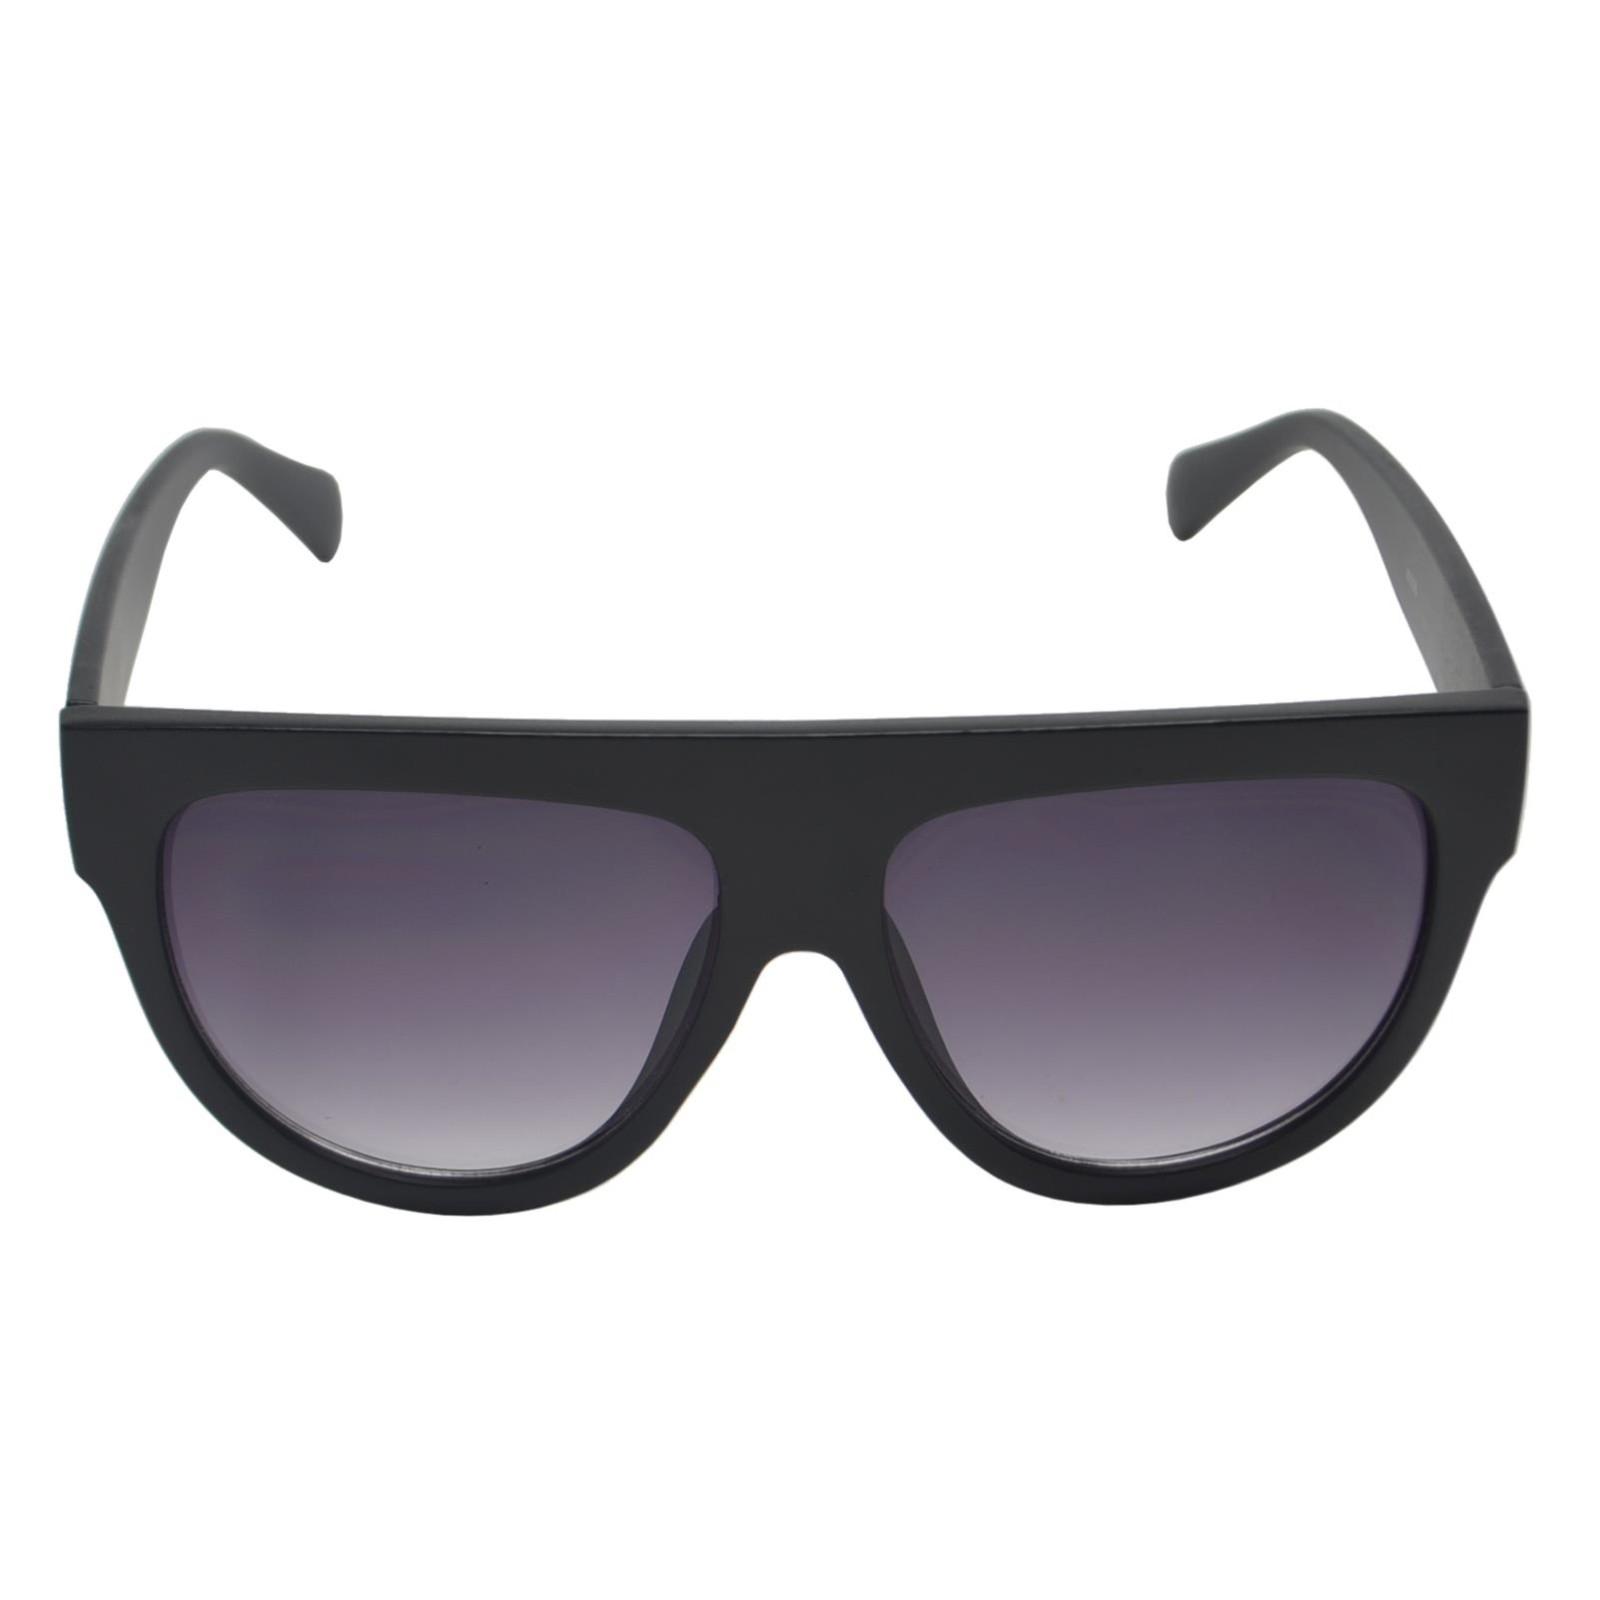 Óculos de Sol Mackage Unissex Acetato Fashion - Preto Fosco